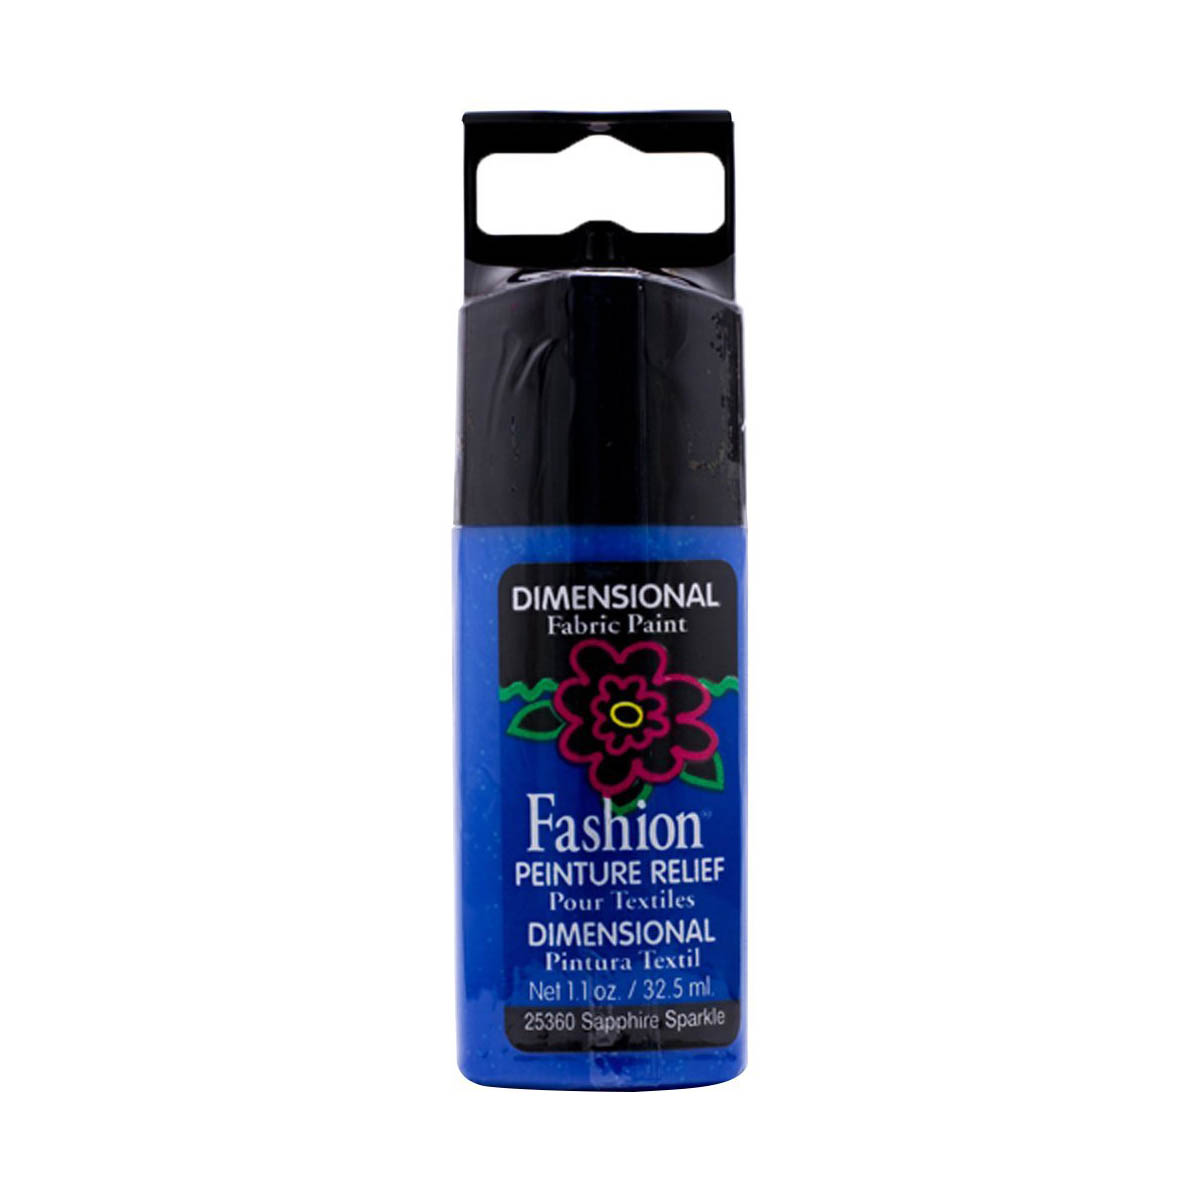 Fashion ® Dimensional Fabric Paint  - Sparkle - Sapphire